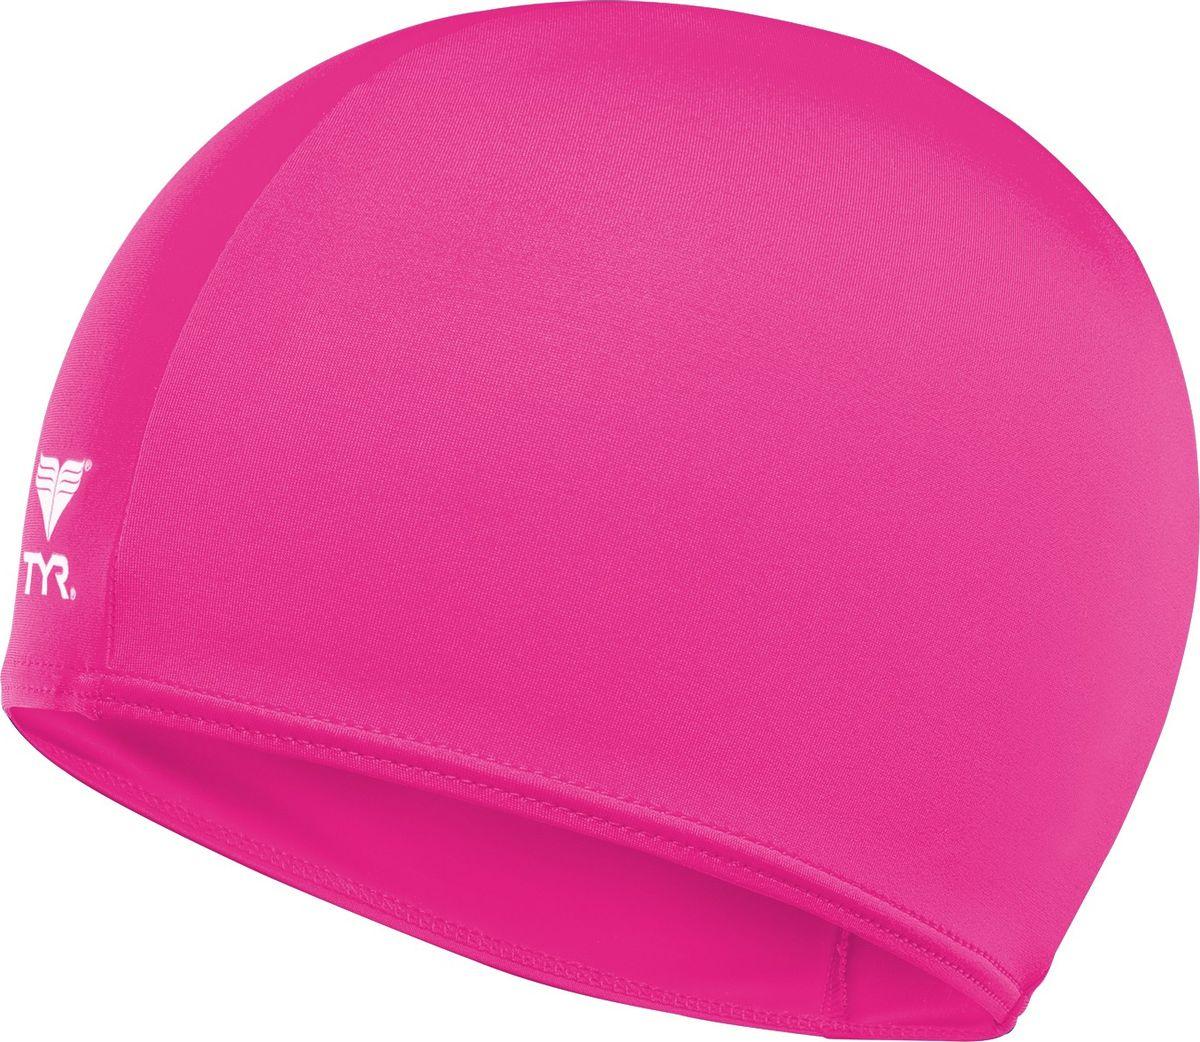 Шапочка для плавания Tyr Solid Lycra Cap, цвет: розовый. LCY шапочка для плавания tyr tyr ty003duxit11